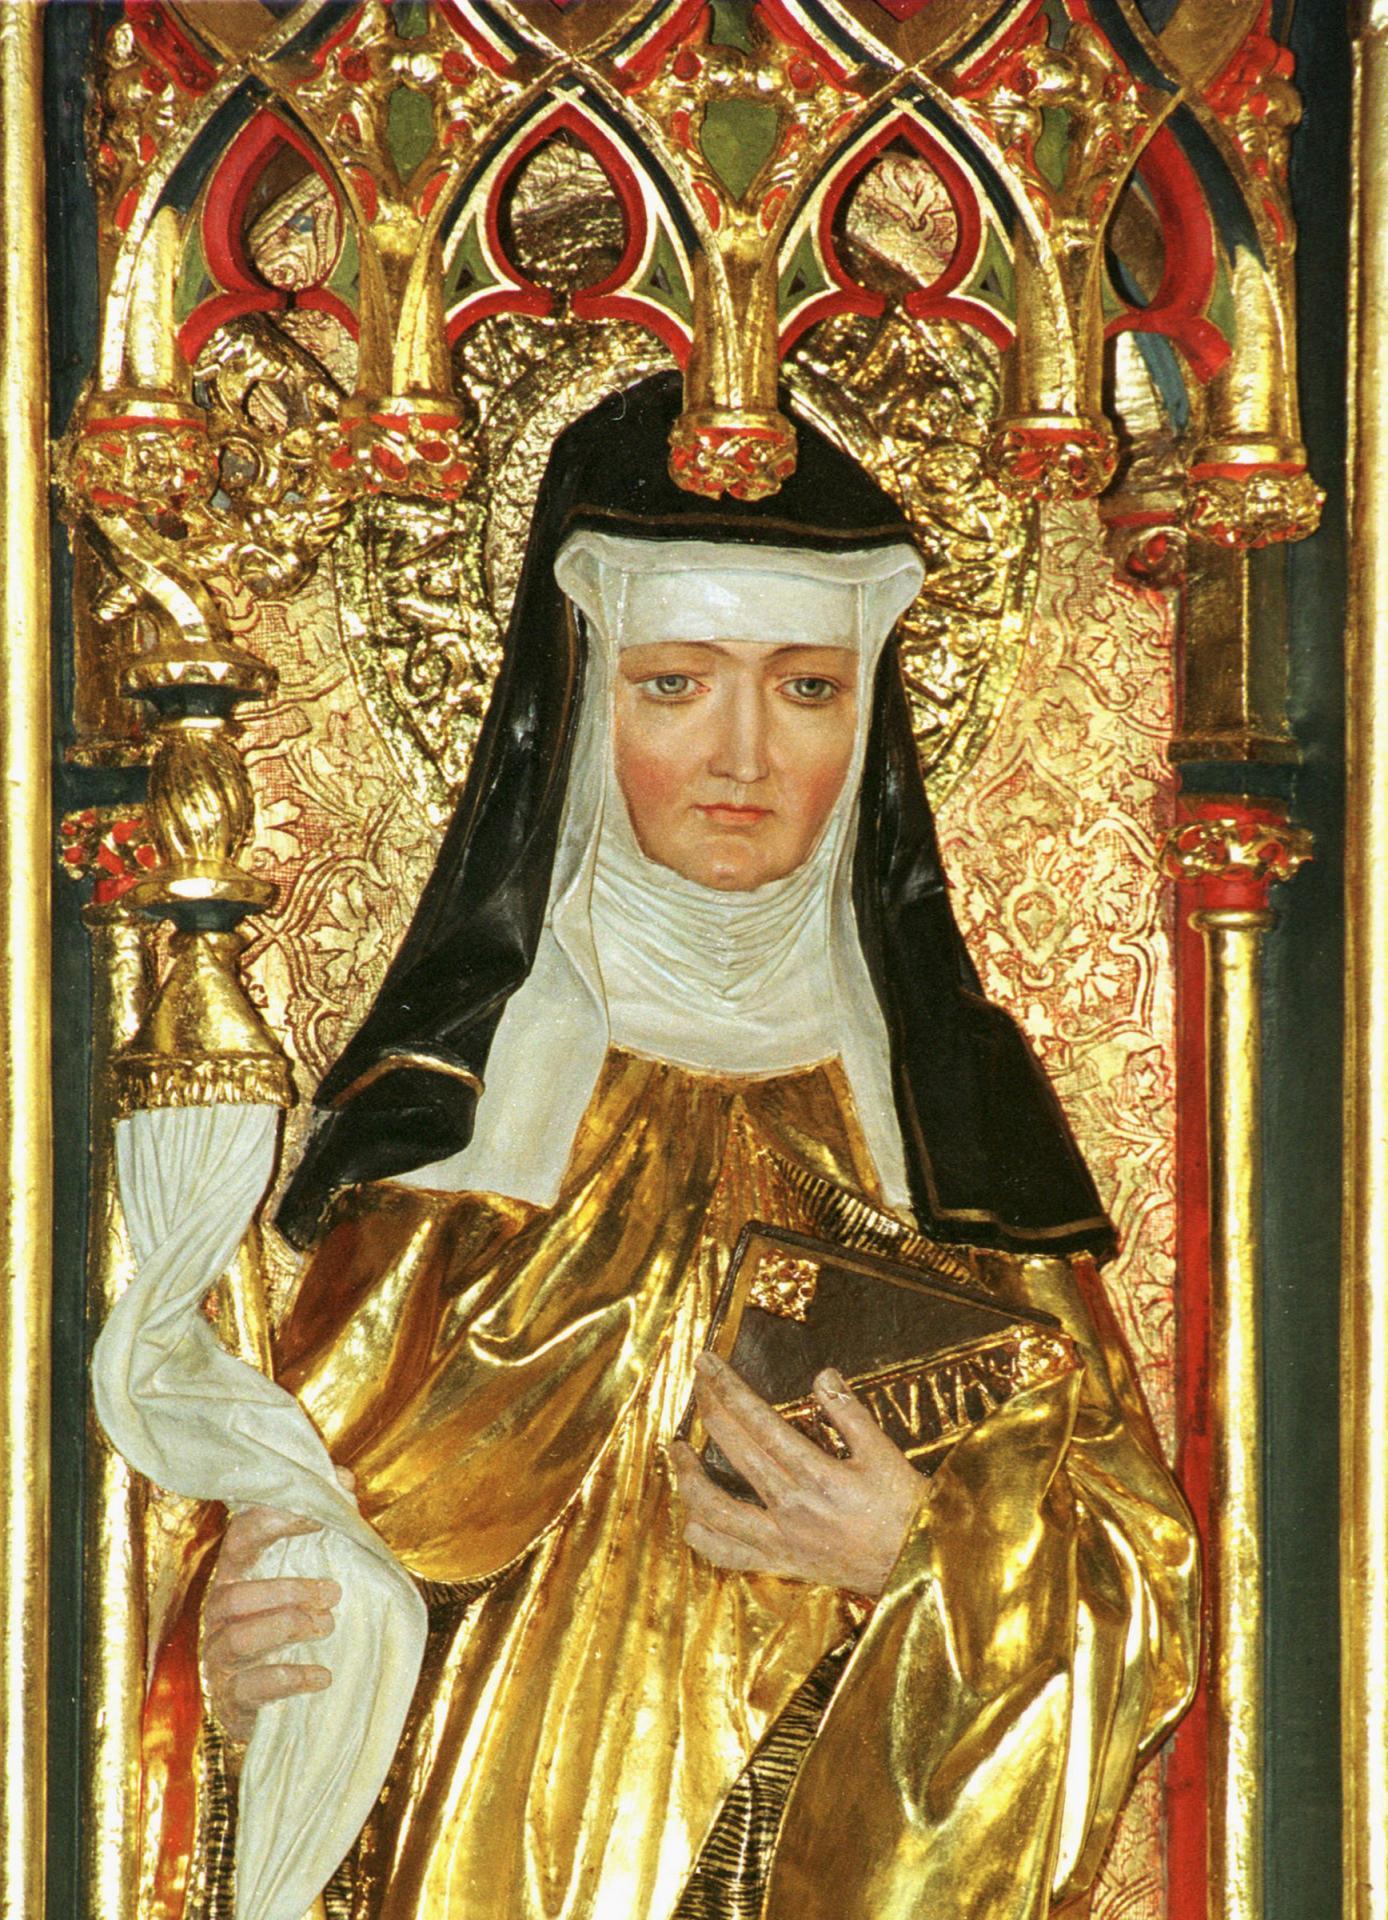 Sainte Hildegarde de Bingen, Abbesse Bénédictine (1098-1179). Fête le 17  Septembre.